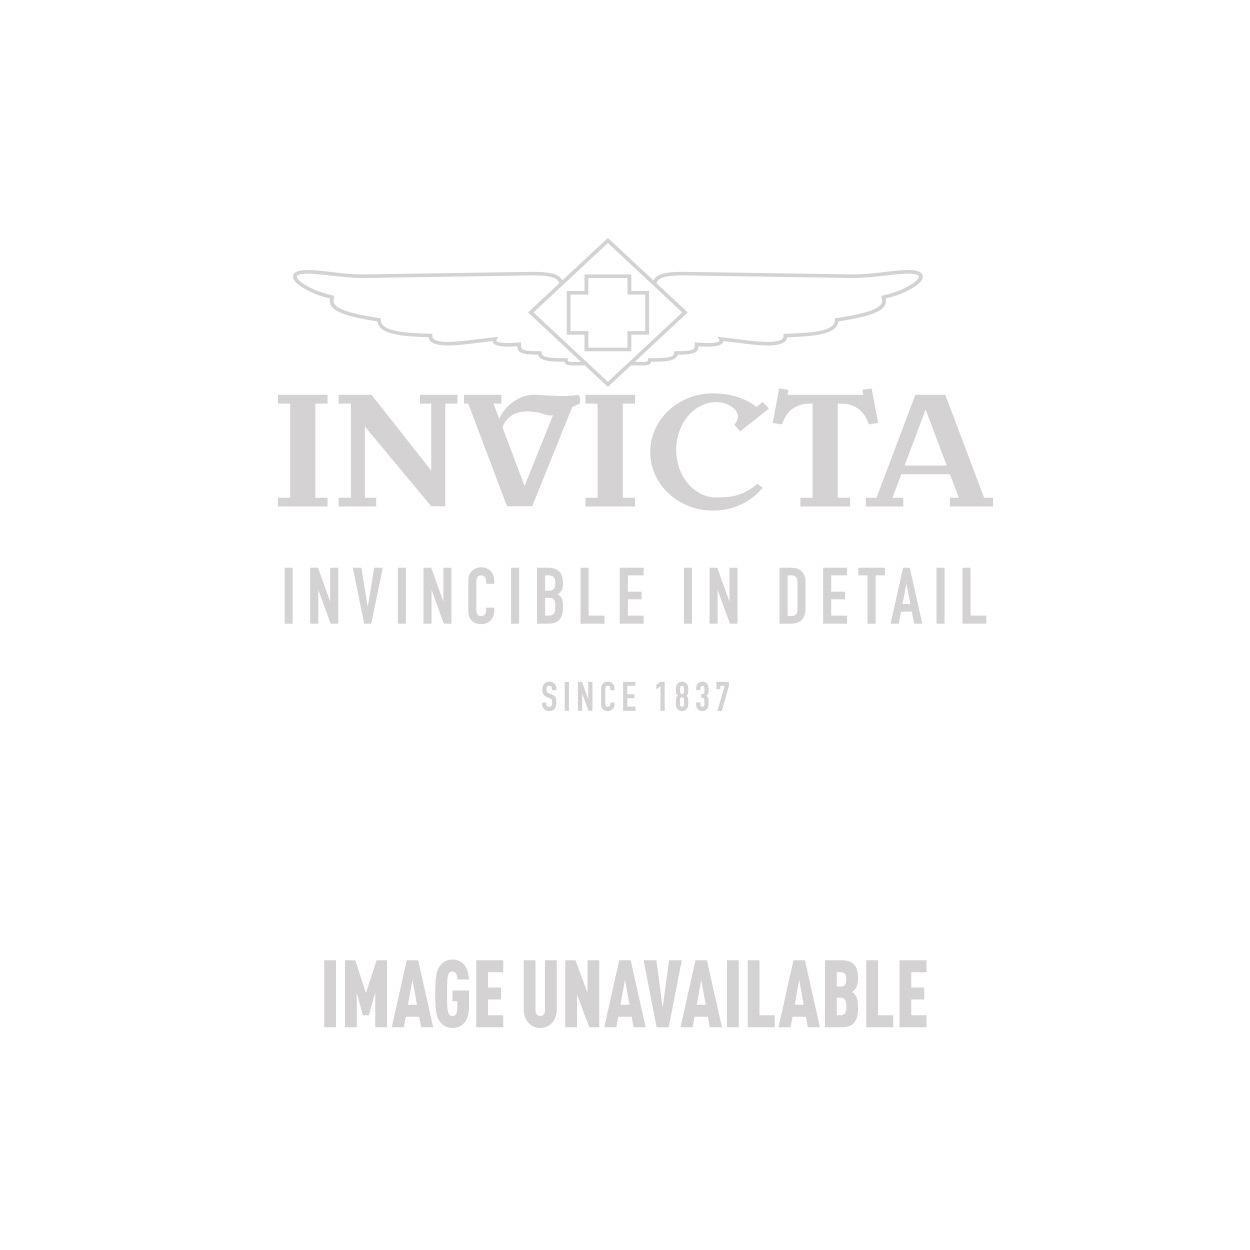 Invicta Model 24908